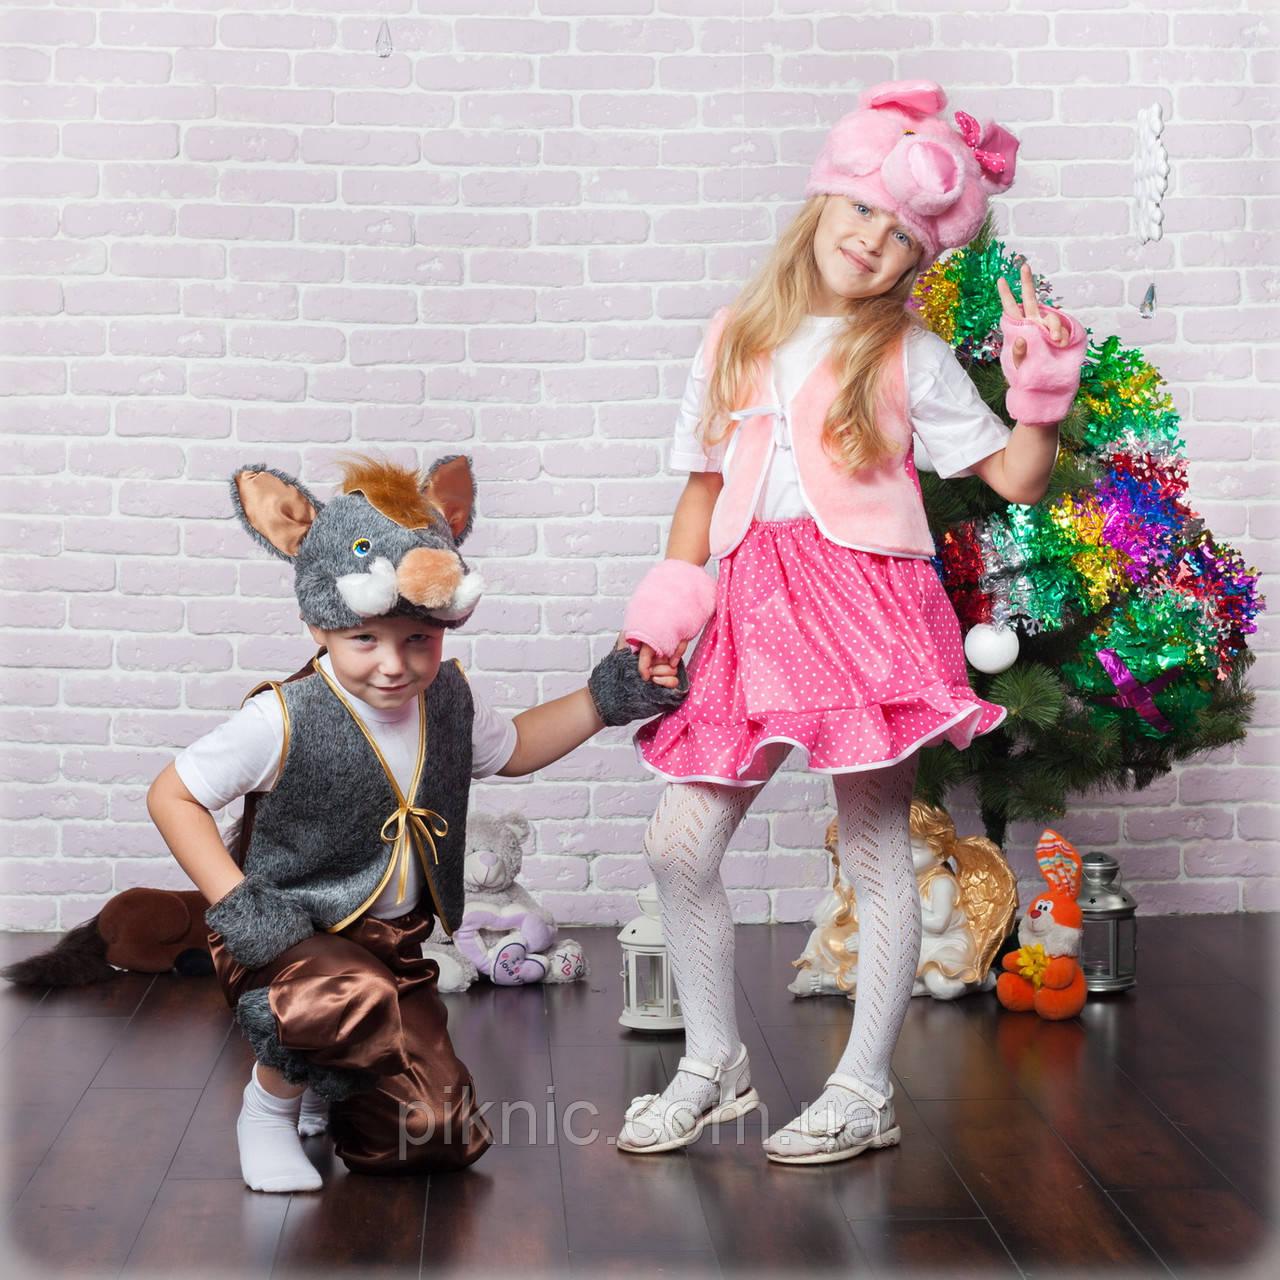 Костюм Хрюша для девочек 3,4,5,6,7 лет. Детский карнавальный новогодний костюм Свинка, Поросенок